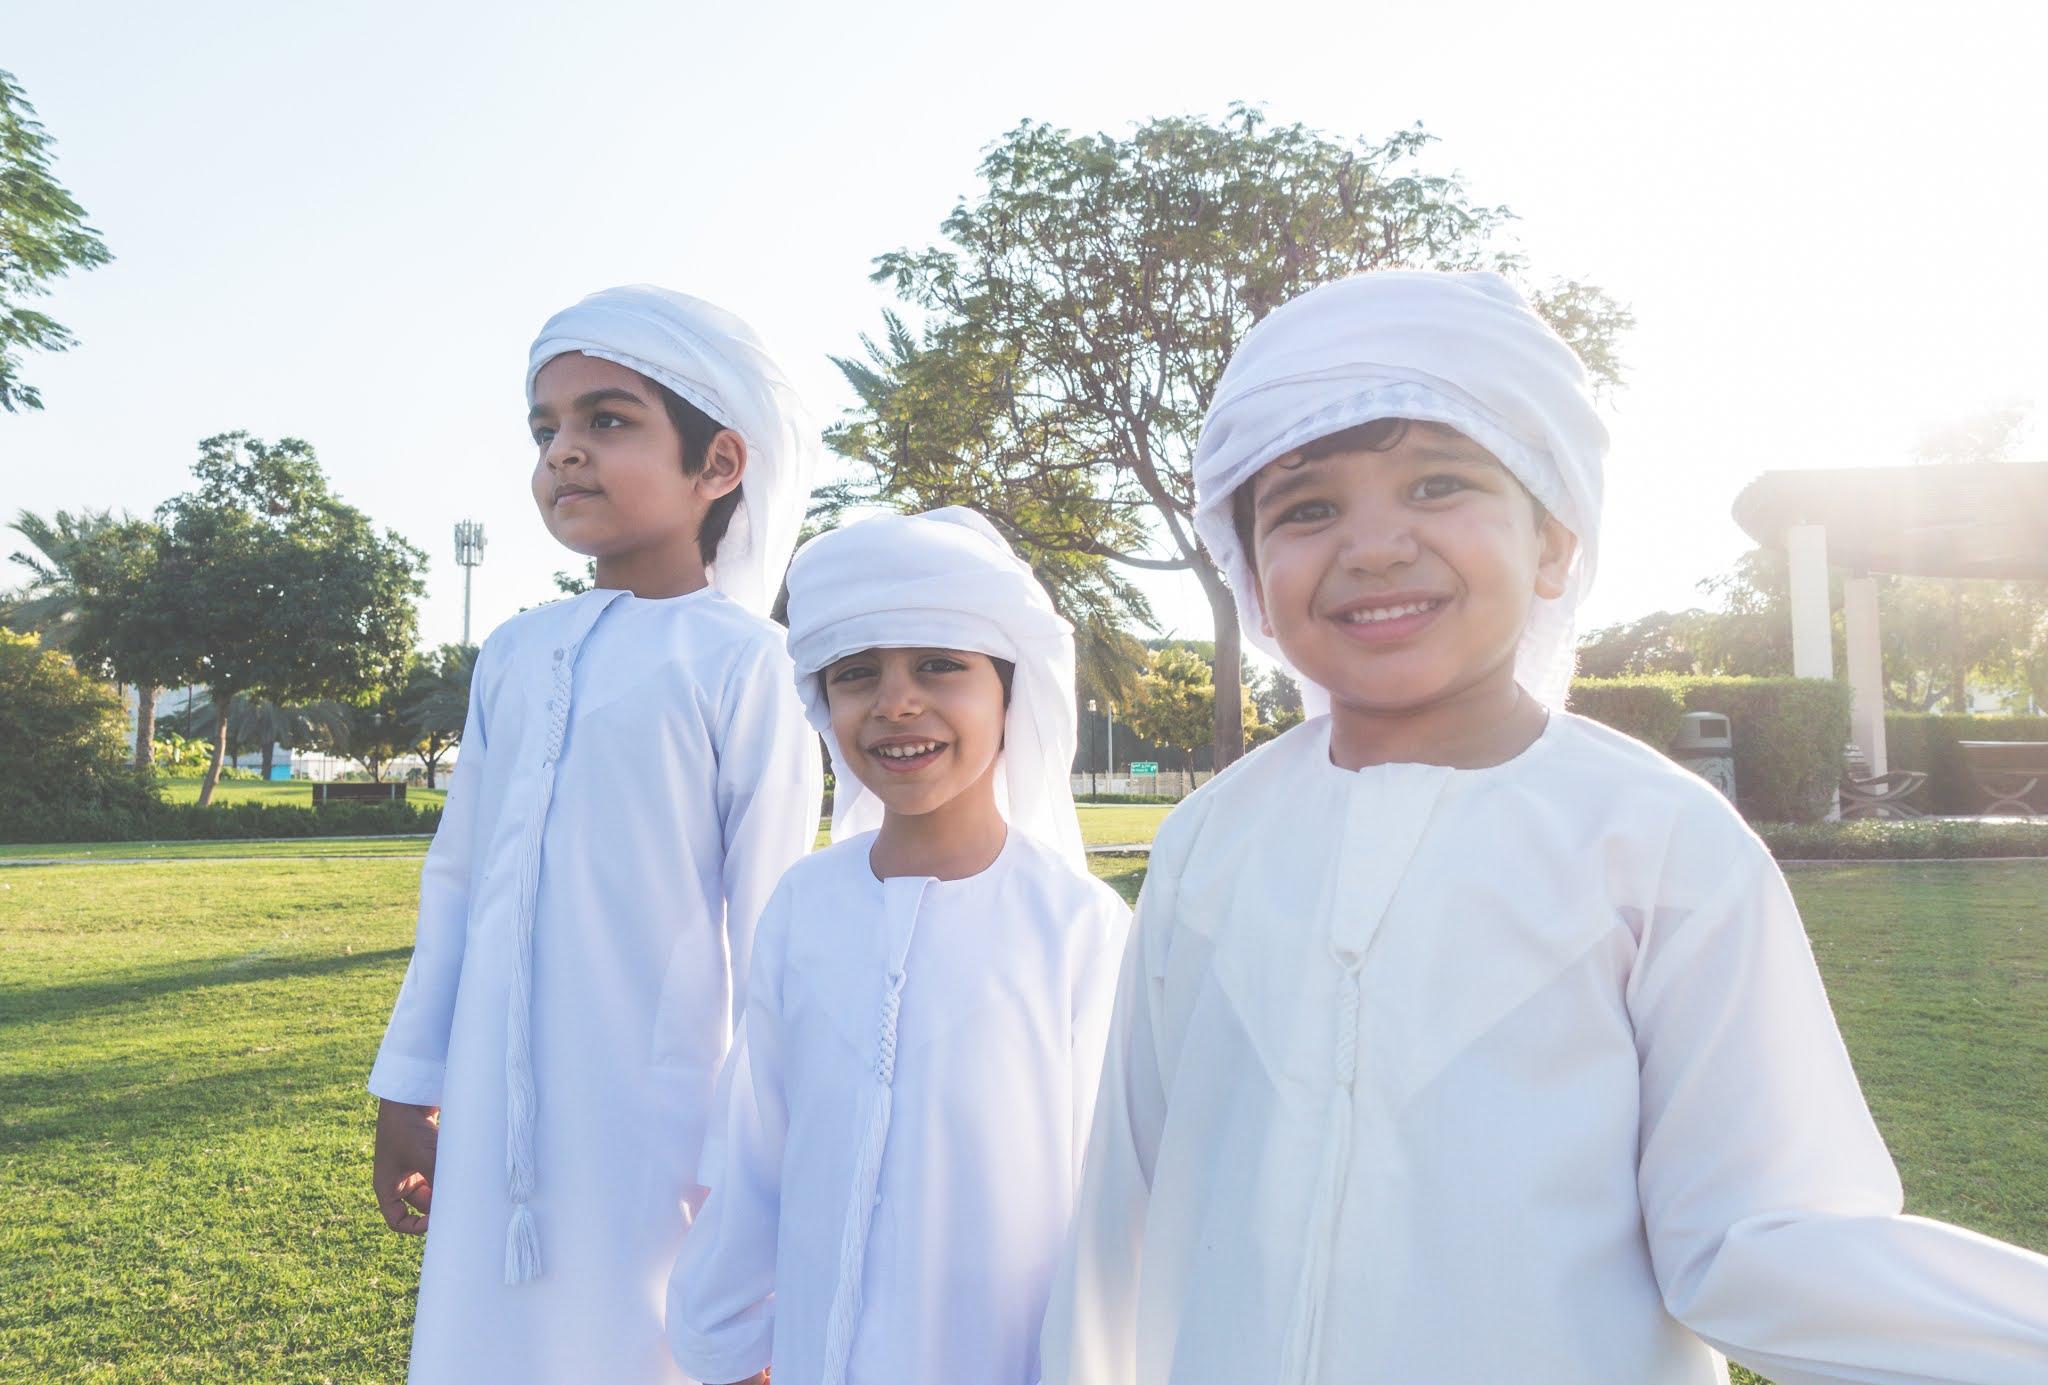 فلكيا الثلاثاء 20 يوليو أول أيام عيد الأضحى Eid Al Adha المبارك